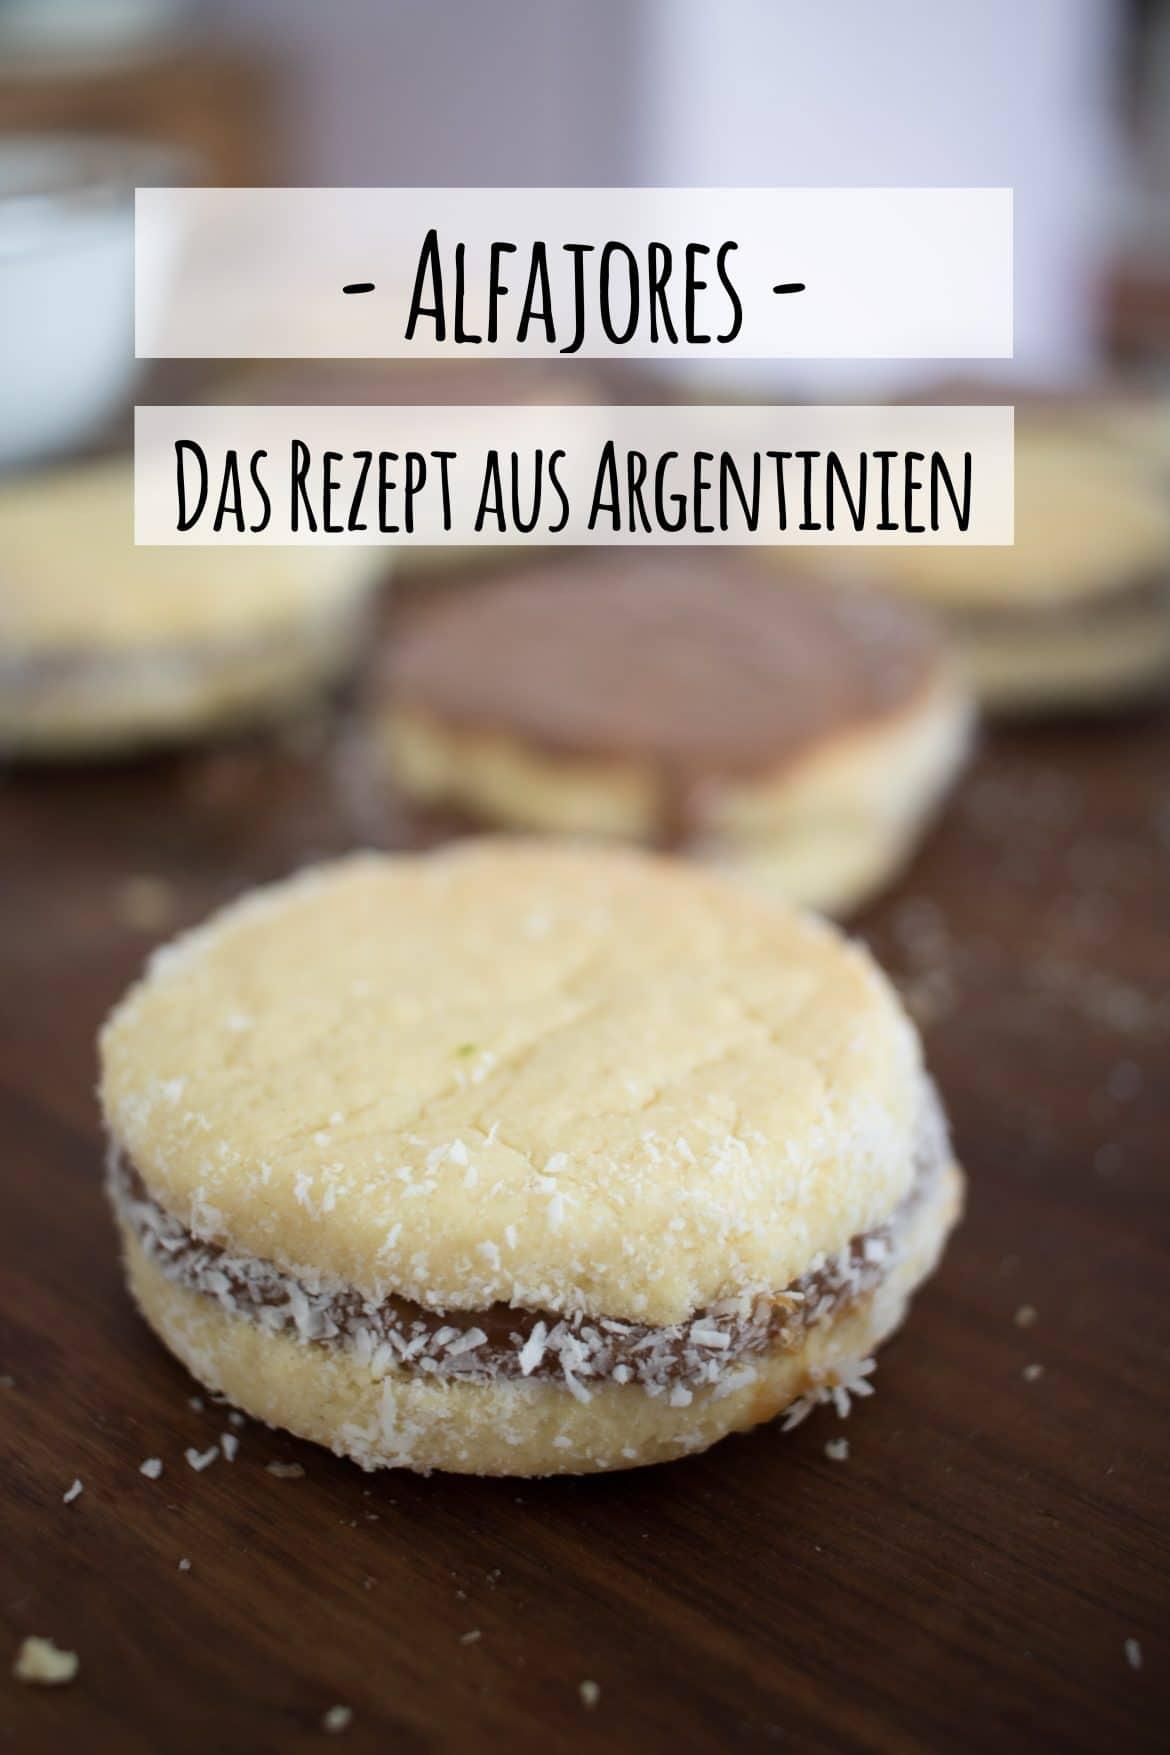 Lust auf den Geschmack Argentiniens? Mit diesem Rezept für die originalen Alfajore Maizena kannst du dich davon träumen.